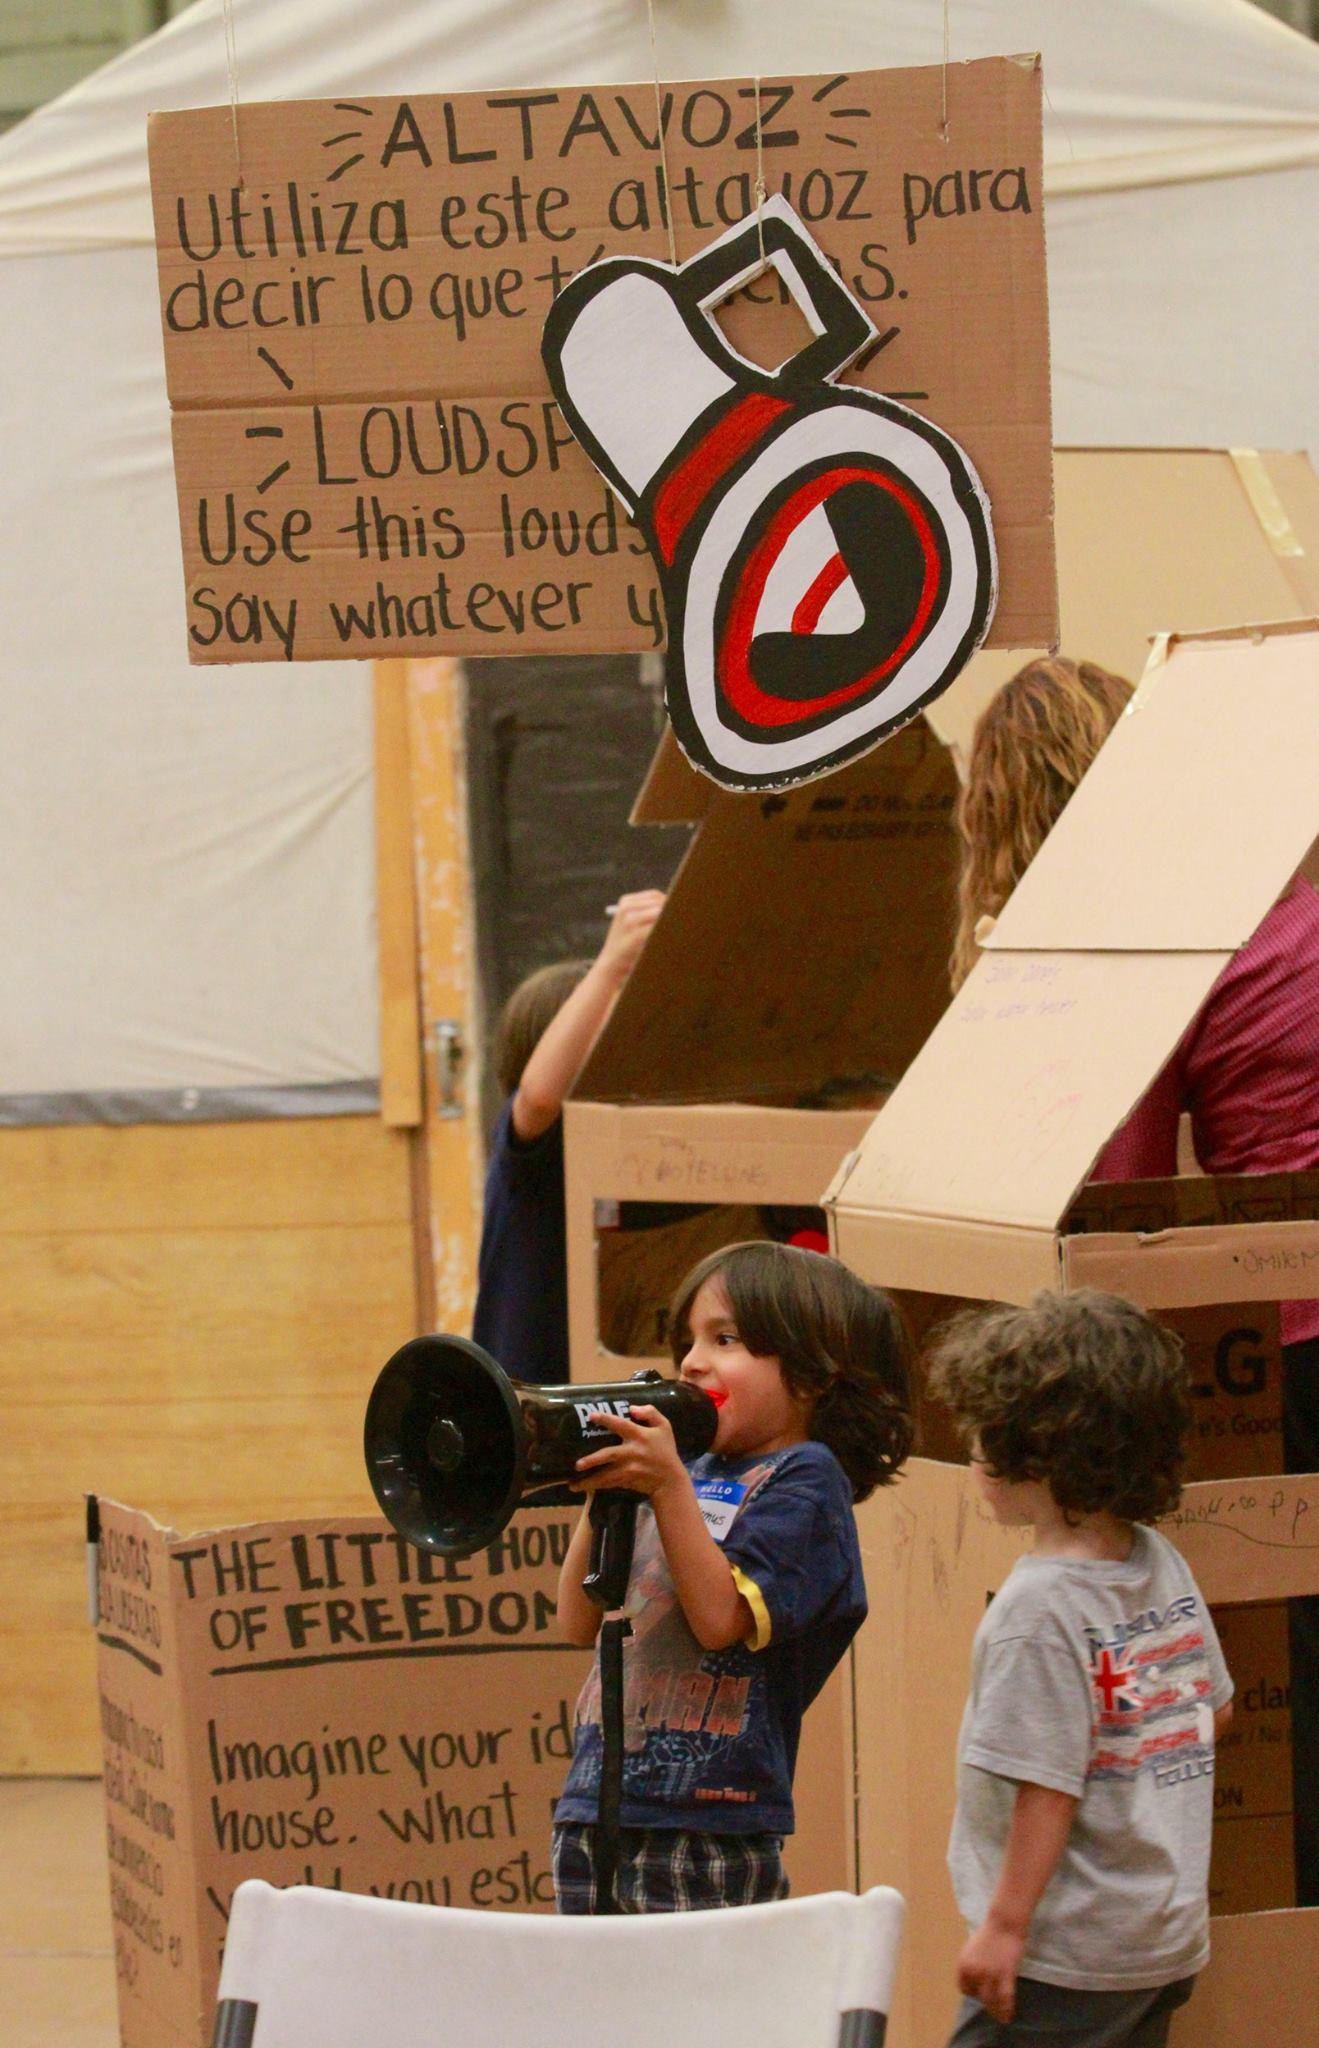 'Loudspeaker in action 2'. Photo credit: Luis Hernández from El Diario de El Paso.